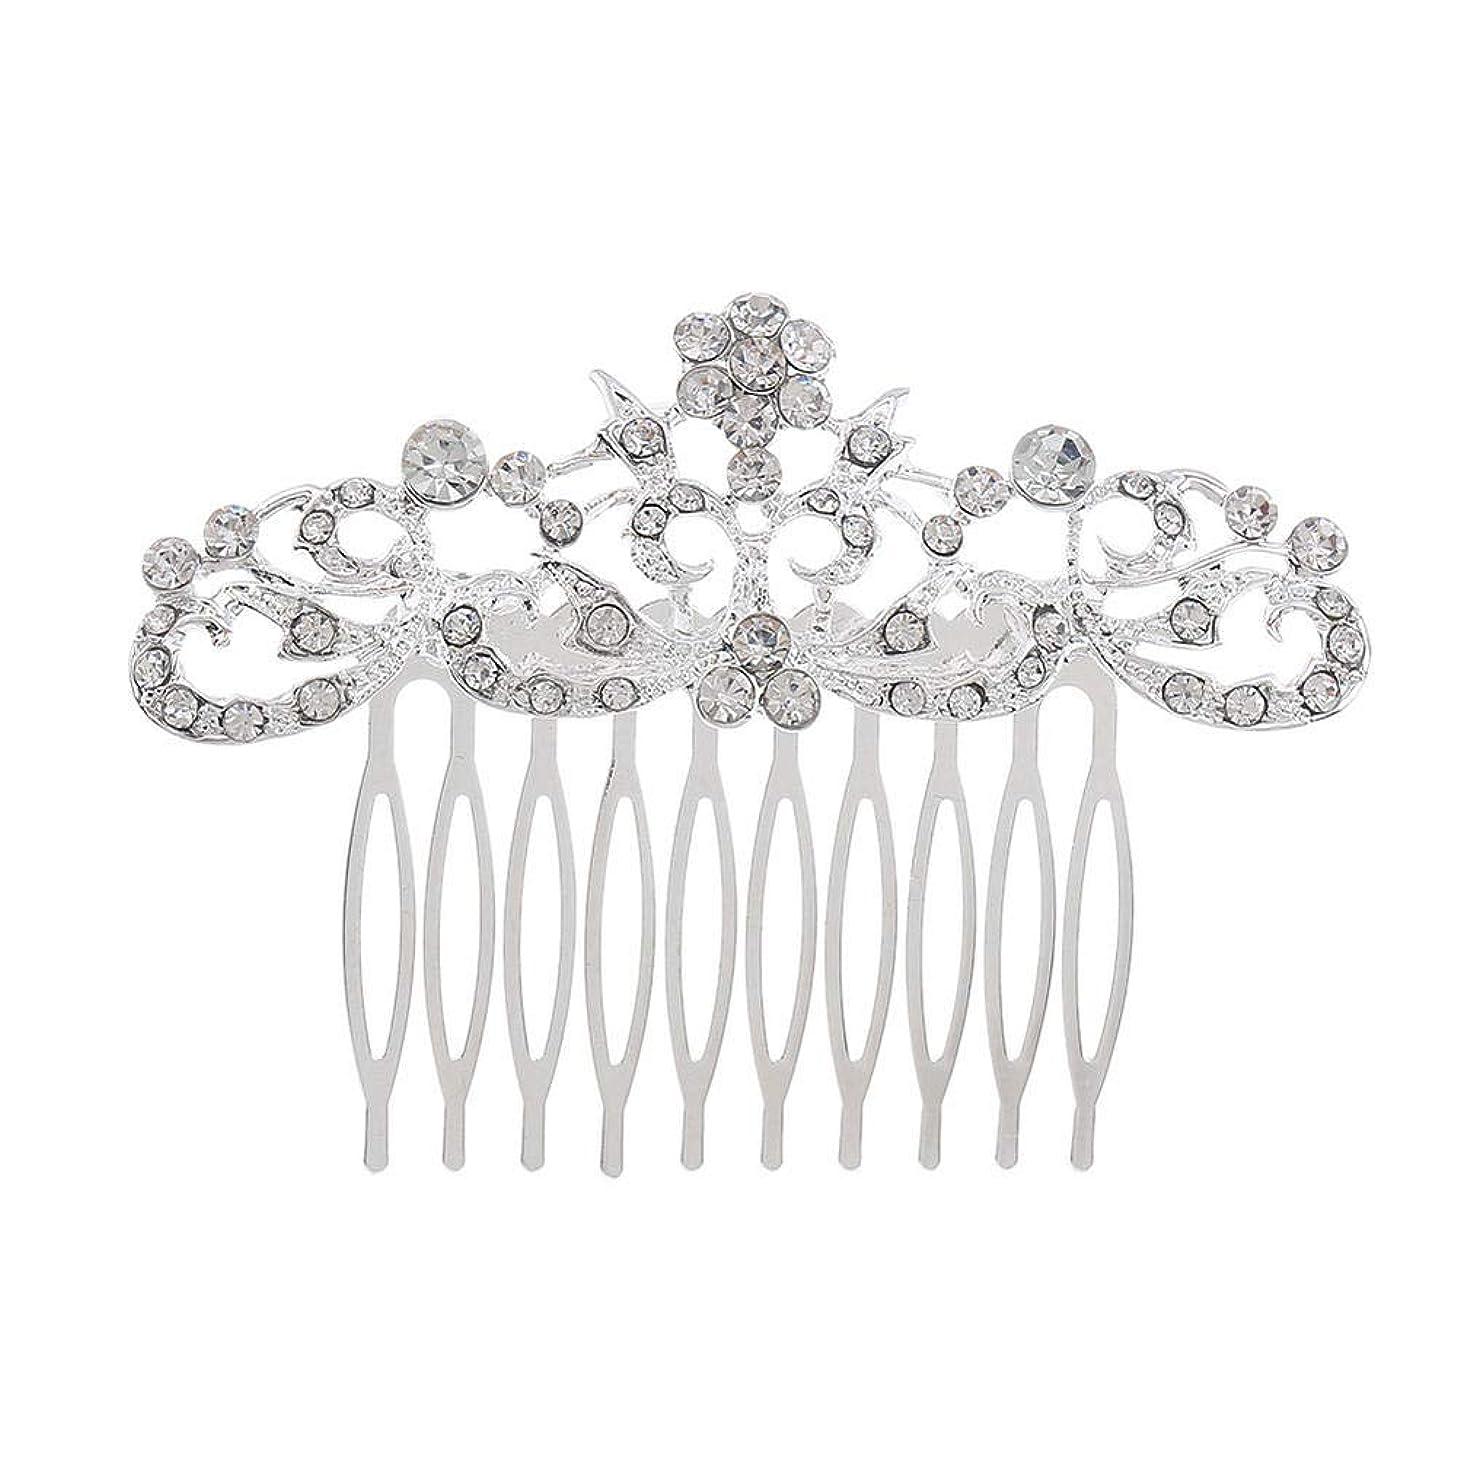 サスペンションサンドイッチ勇者髪の櫛の櫛の櫛の花嫁の髪の櫛のファッションラインストーンの櫛の櫛の花嫁の頭飾りの結婚式のアクセサリー